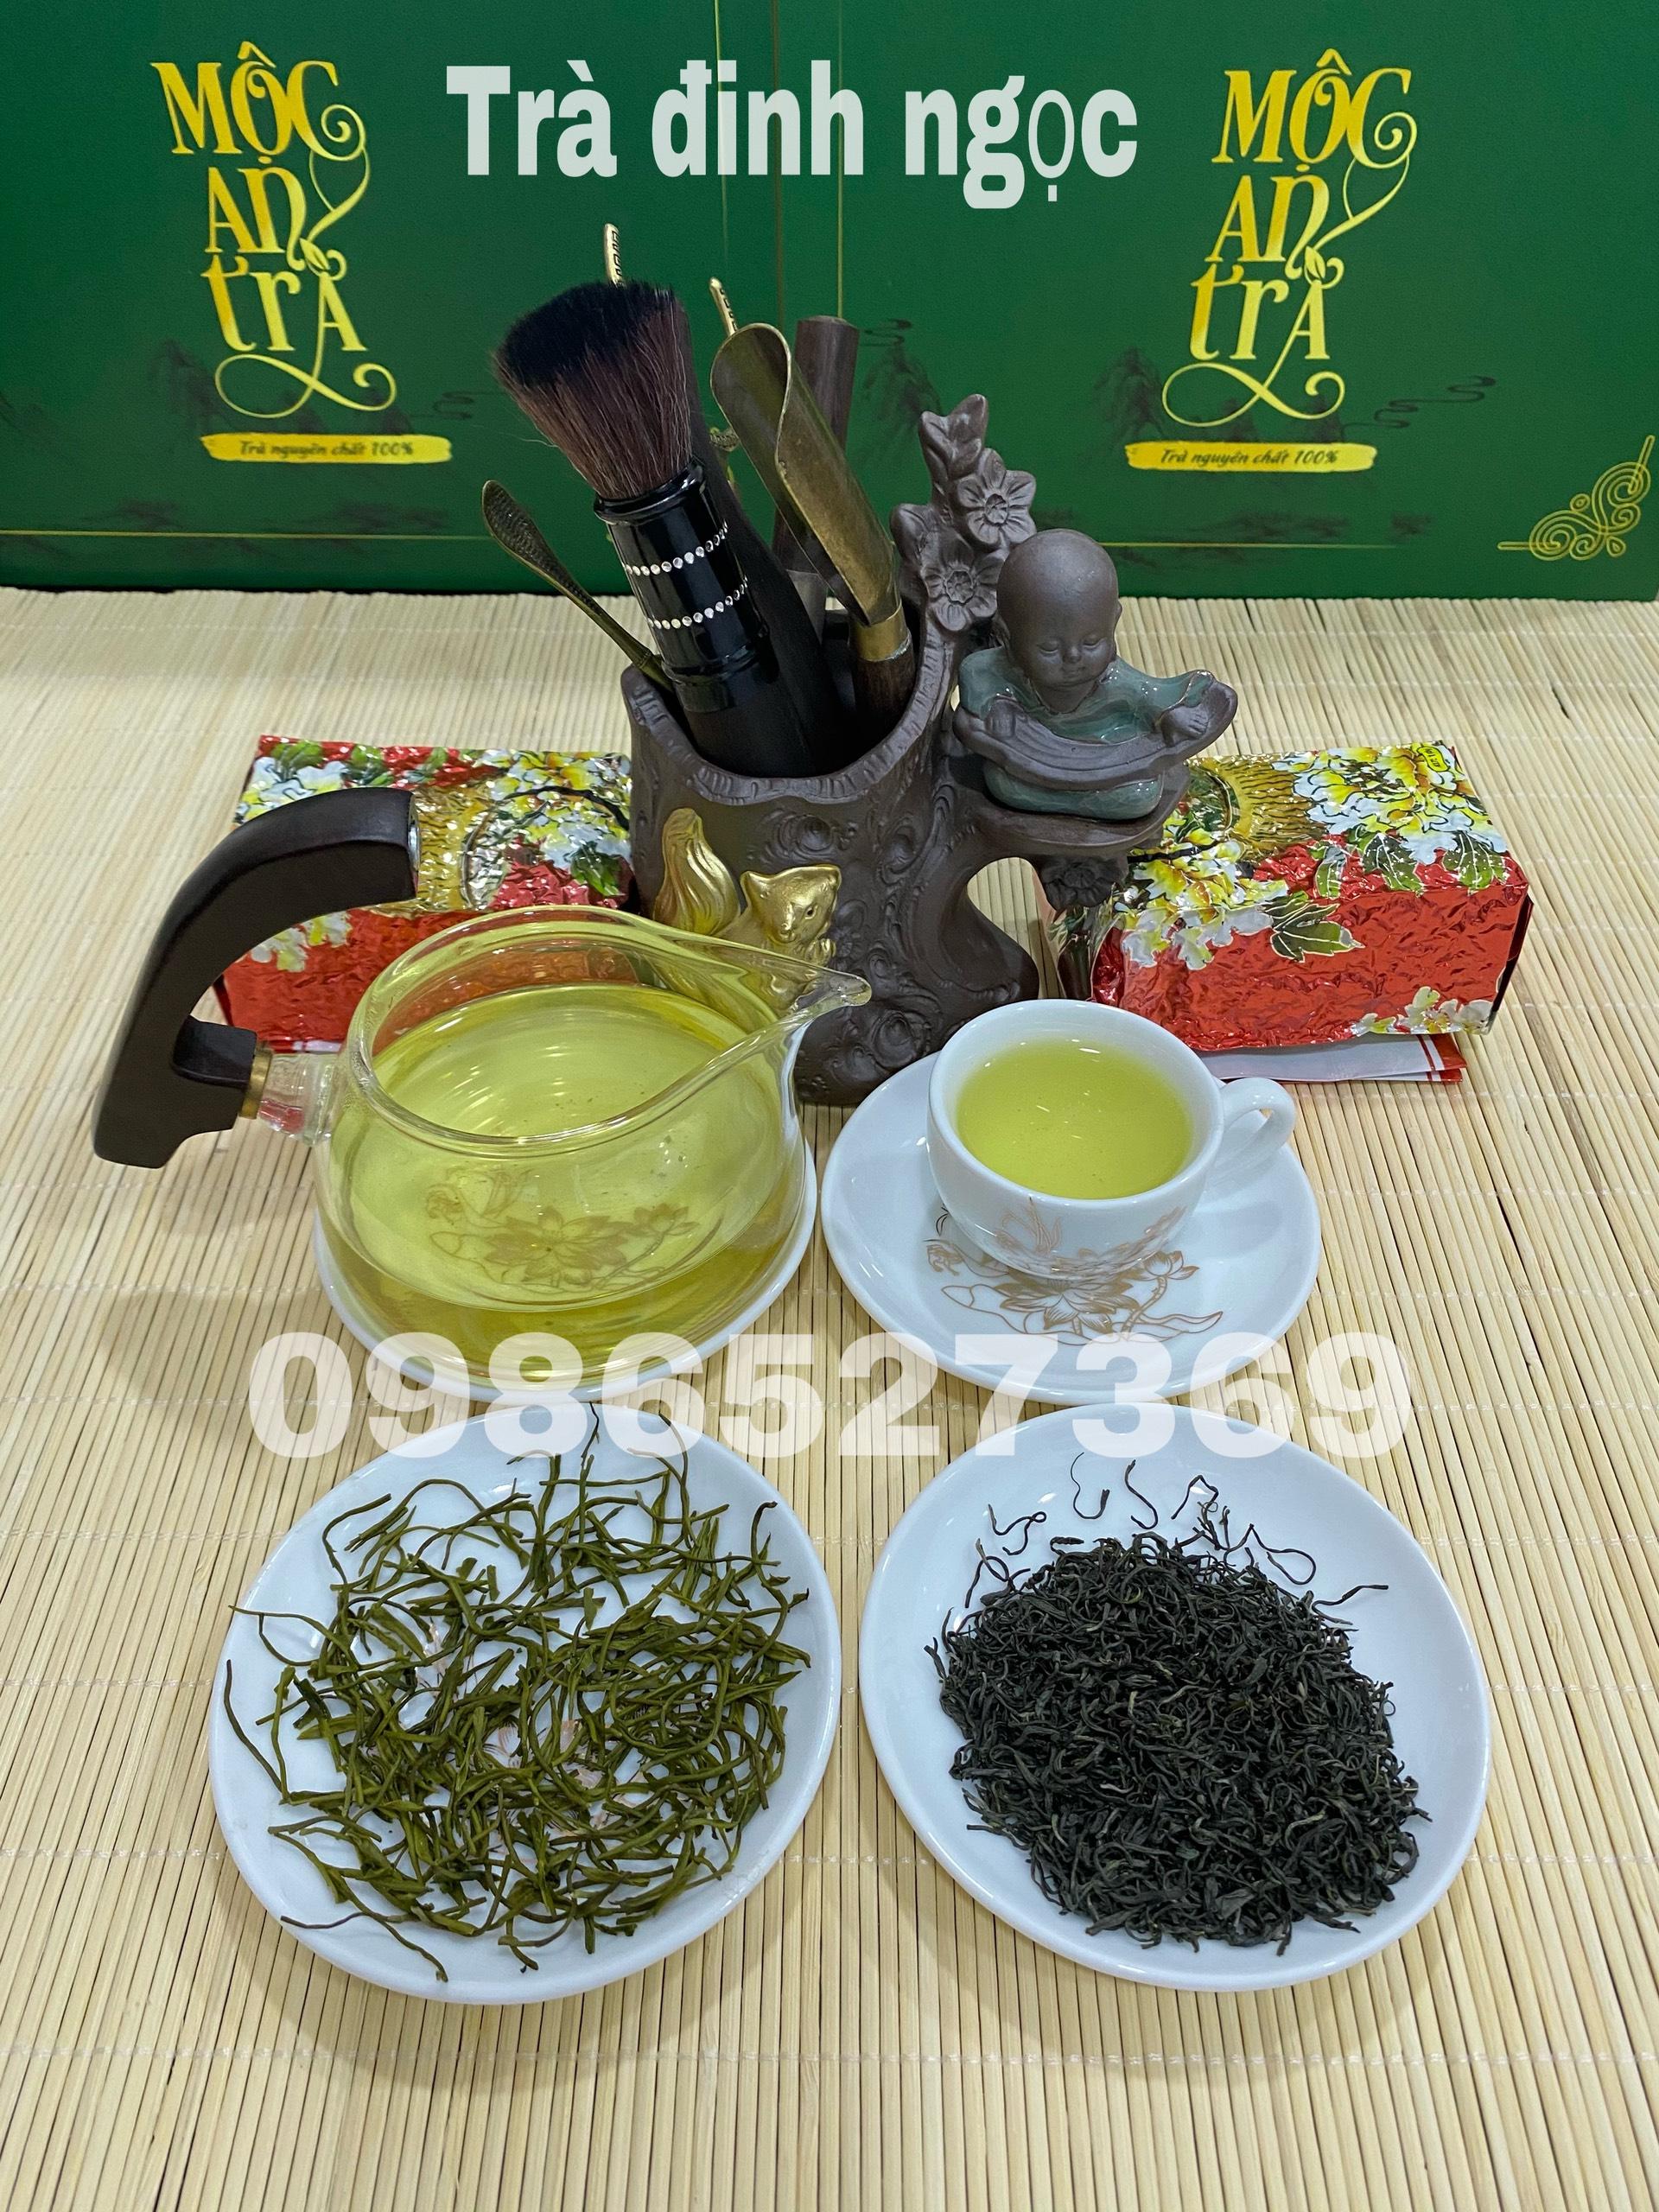 Trà (Chè) Đinh Ngọc Tân Cương Thái Nguyên 100 gram